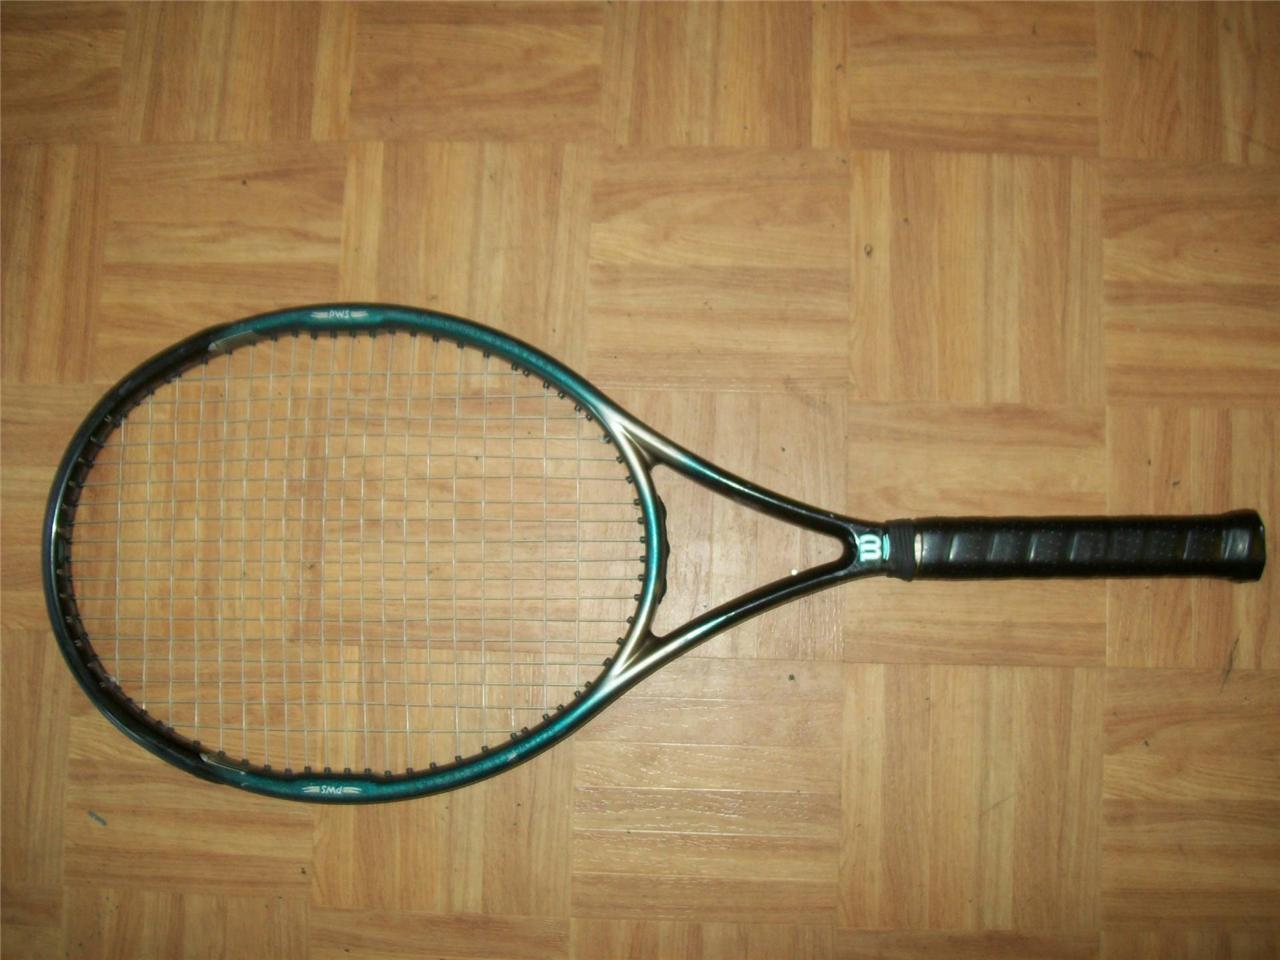 Wilson Wilson Wilson Hammer 5.0 Stretch OS 110 4 1/4 grip Tennis Racquet dc14e5